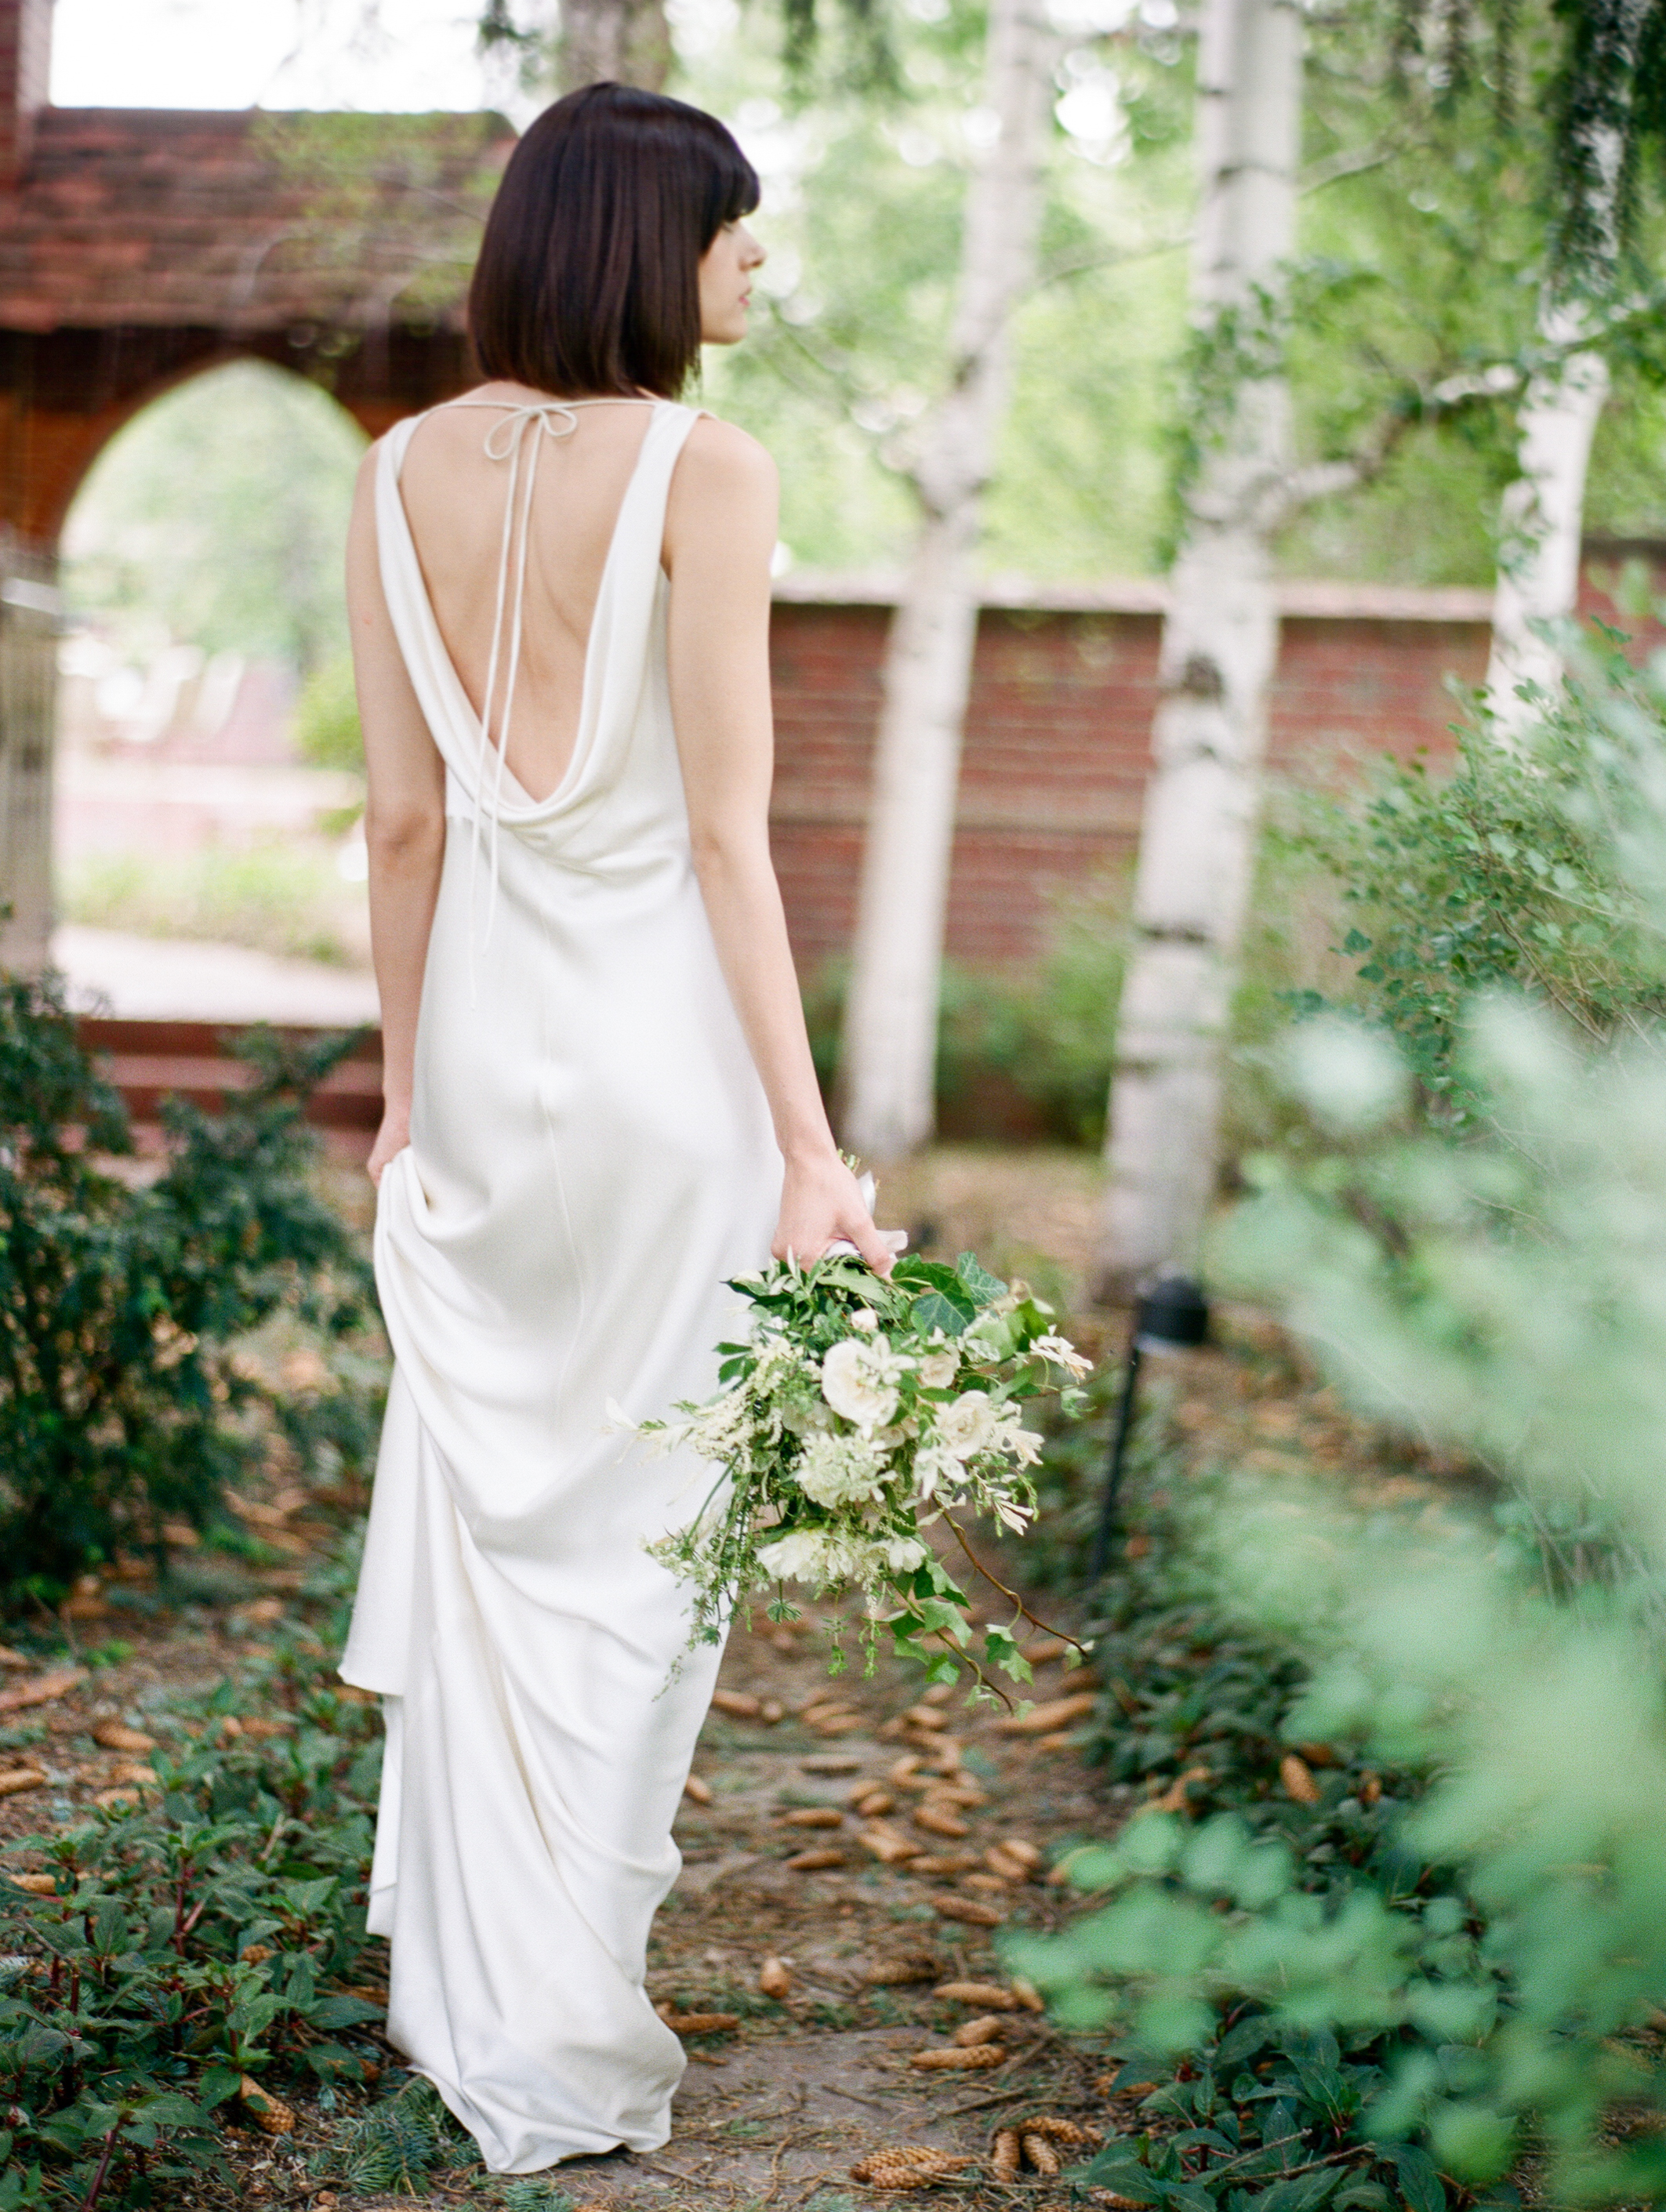 dress53_150707_0048.jpg